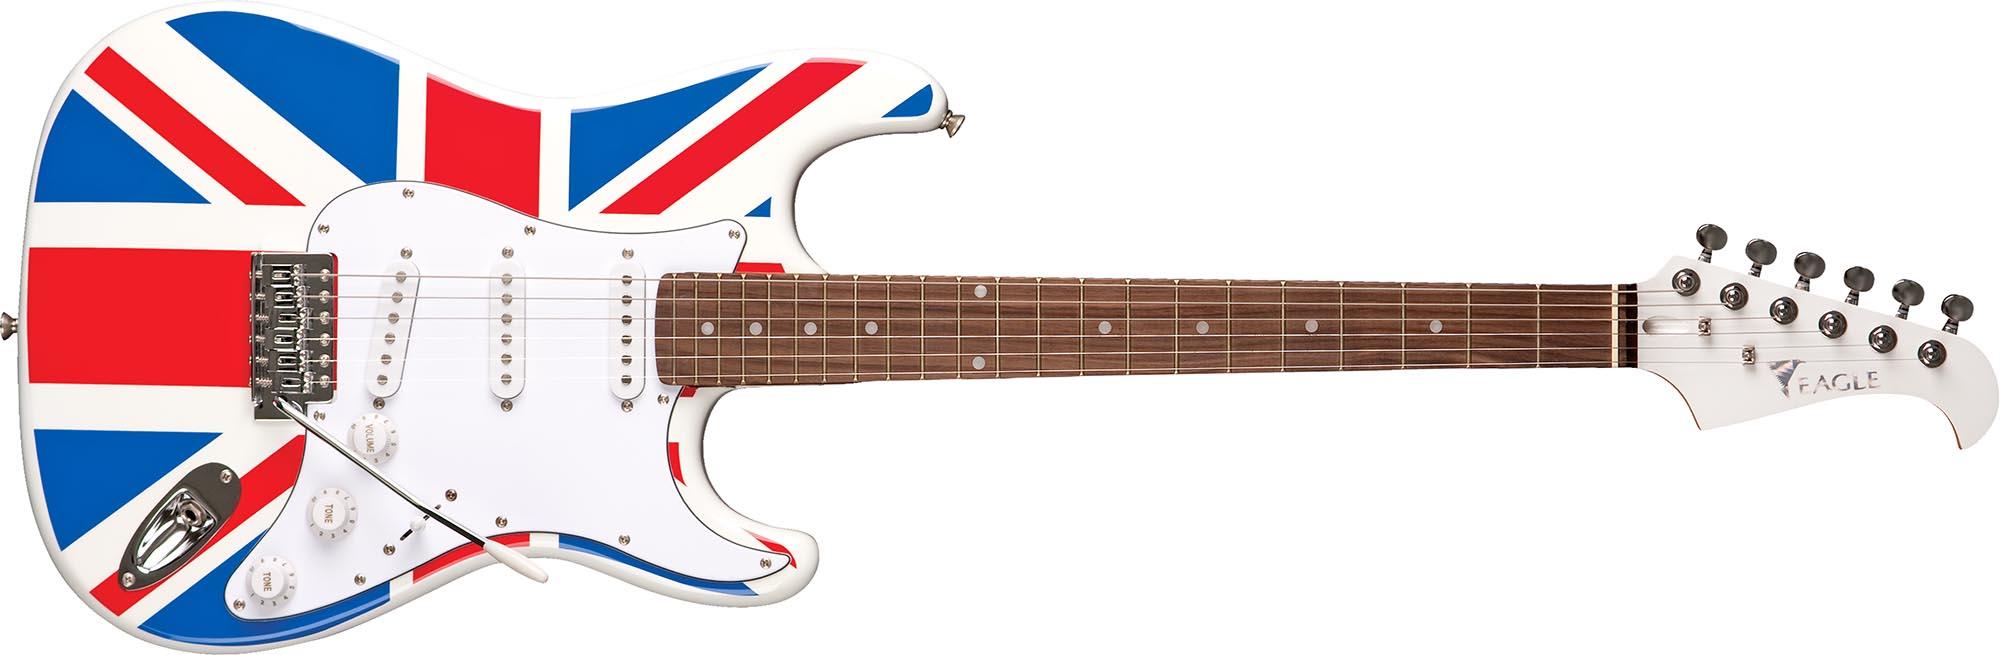 sts001 guitarra eletrica stratocaster captador simgle eagle sts001 uk bandeira reino unido visao frontal